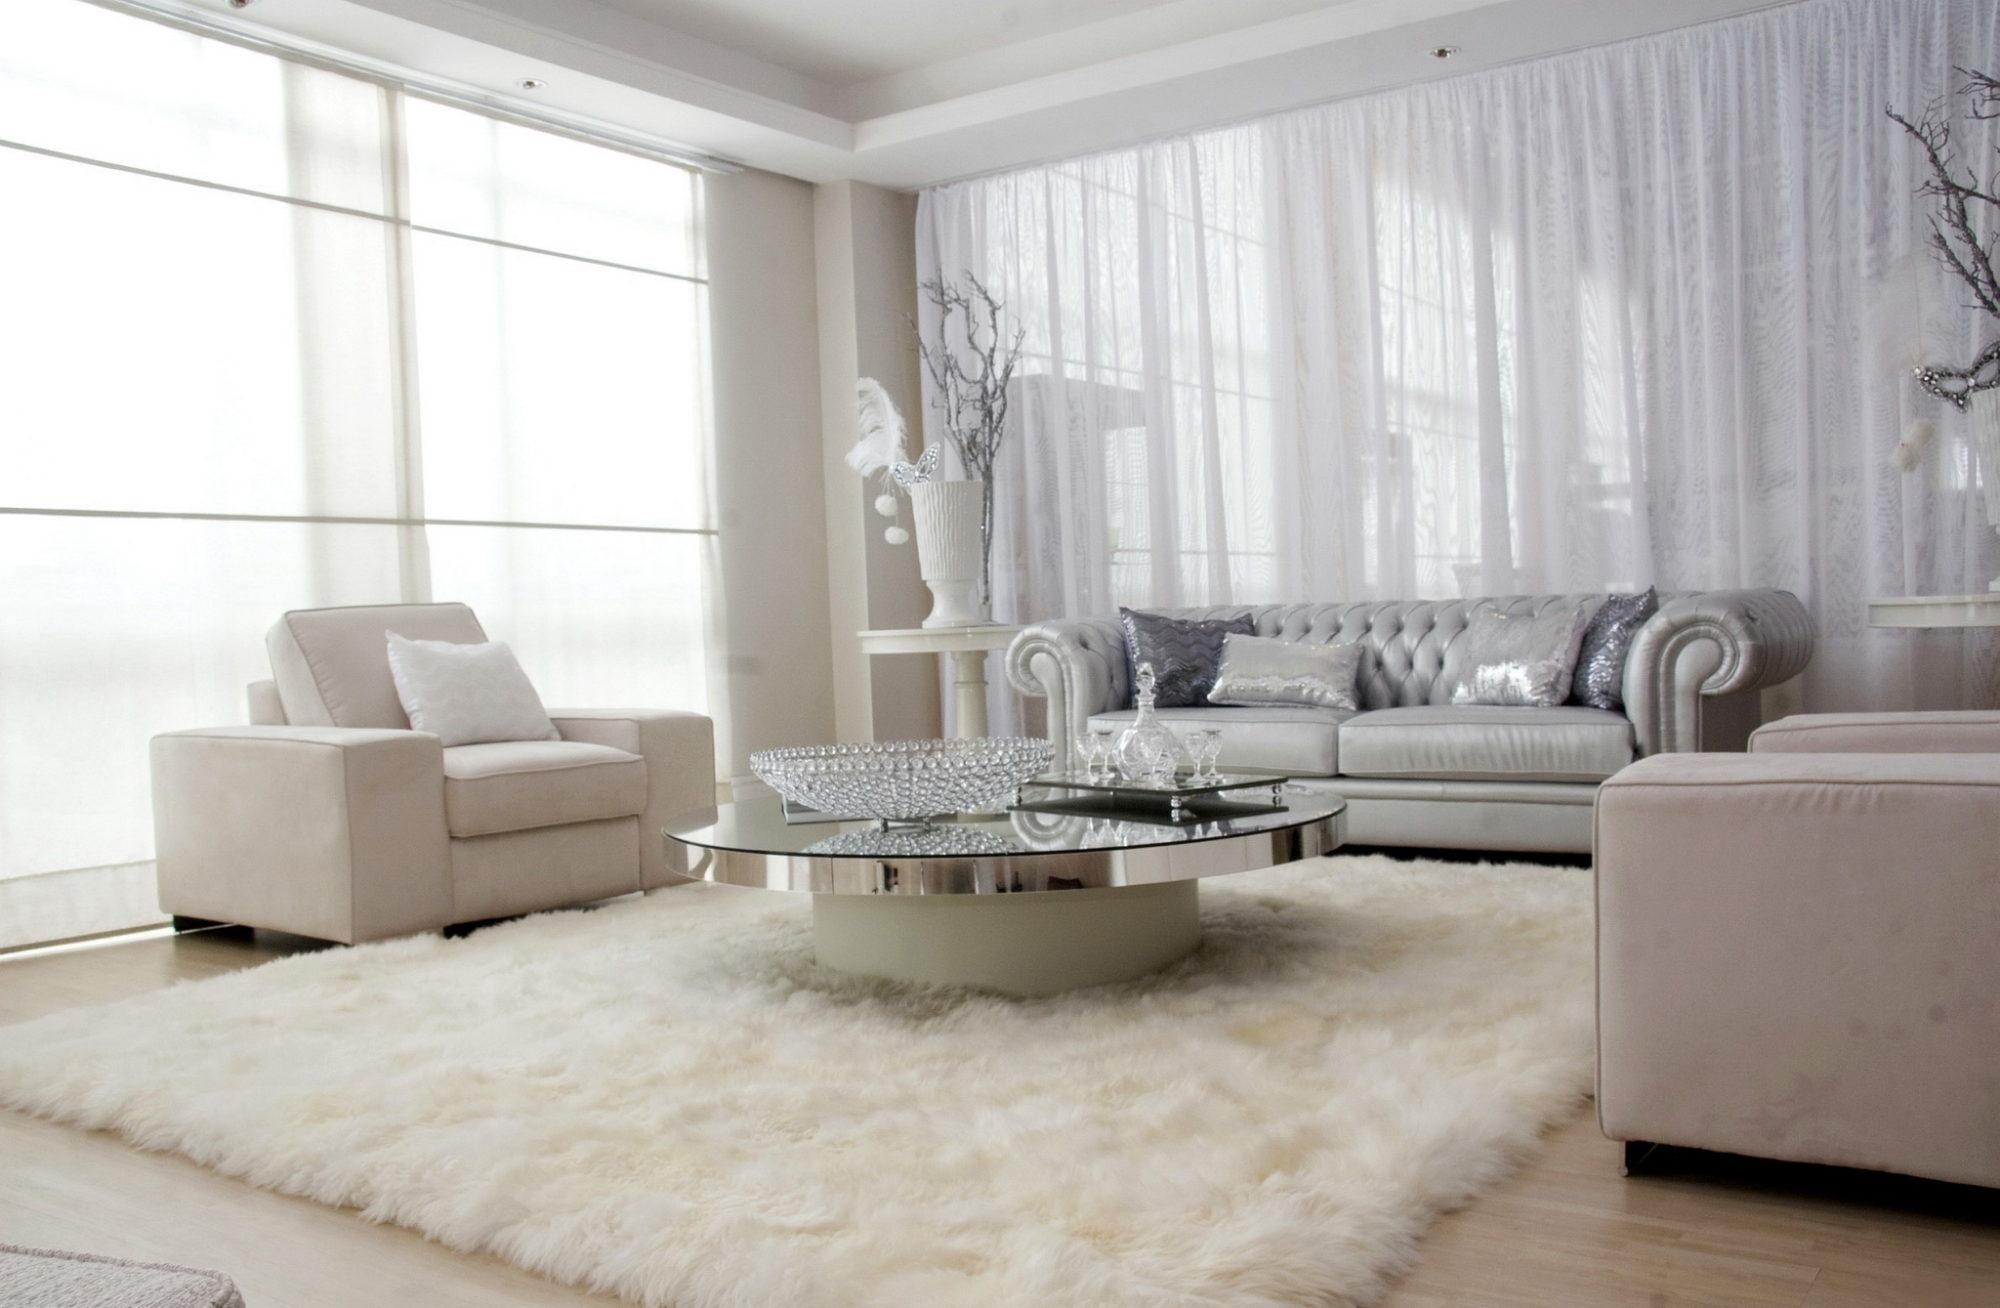 Выбирая ковры и шторы нейтральных тонов - это всегда будет выигрышным вариантом в интерьере комнаты